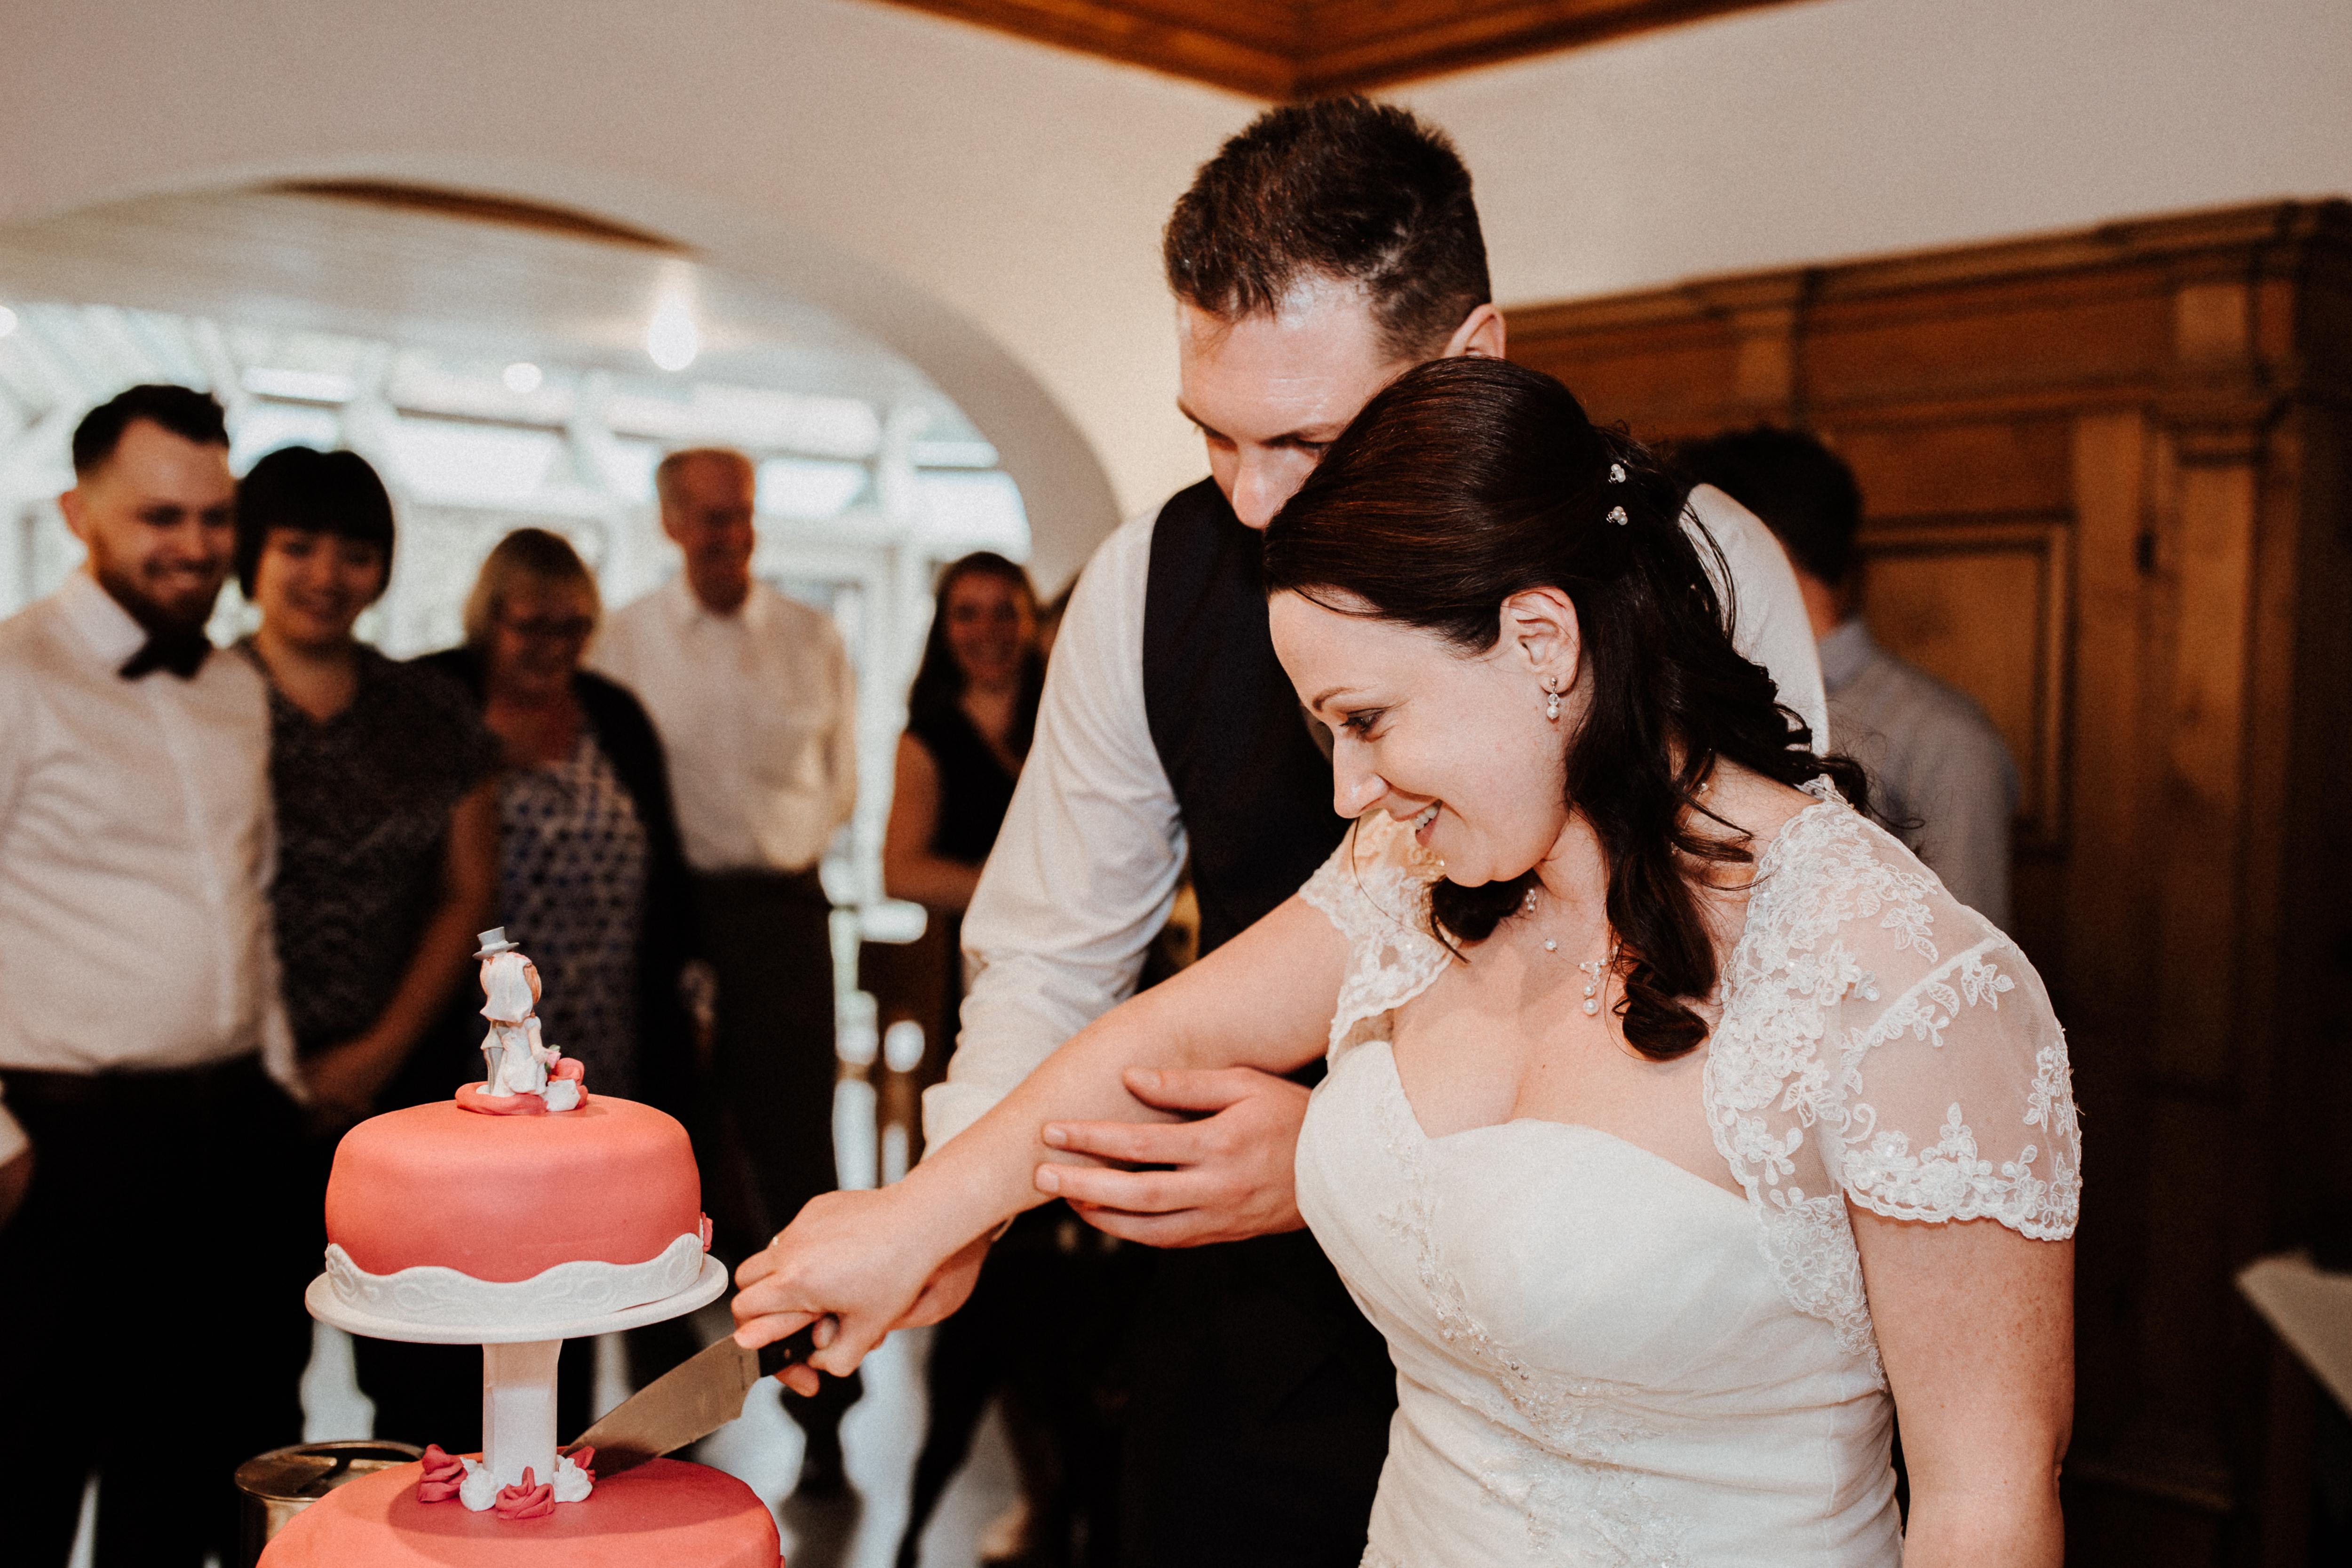 URBANERIE_Daniela_Goth_Hochzeitsfotografin_Nürnberg_Fürth_Erlangen_Schwabach_171007_1328